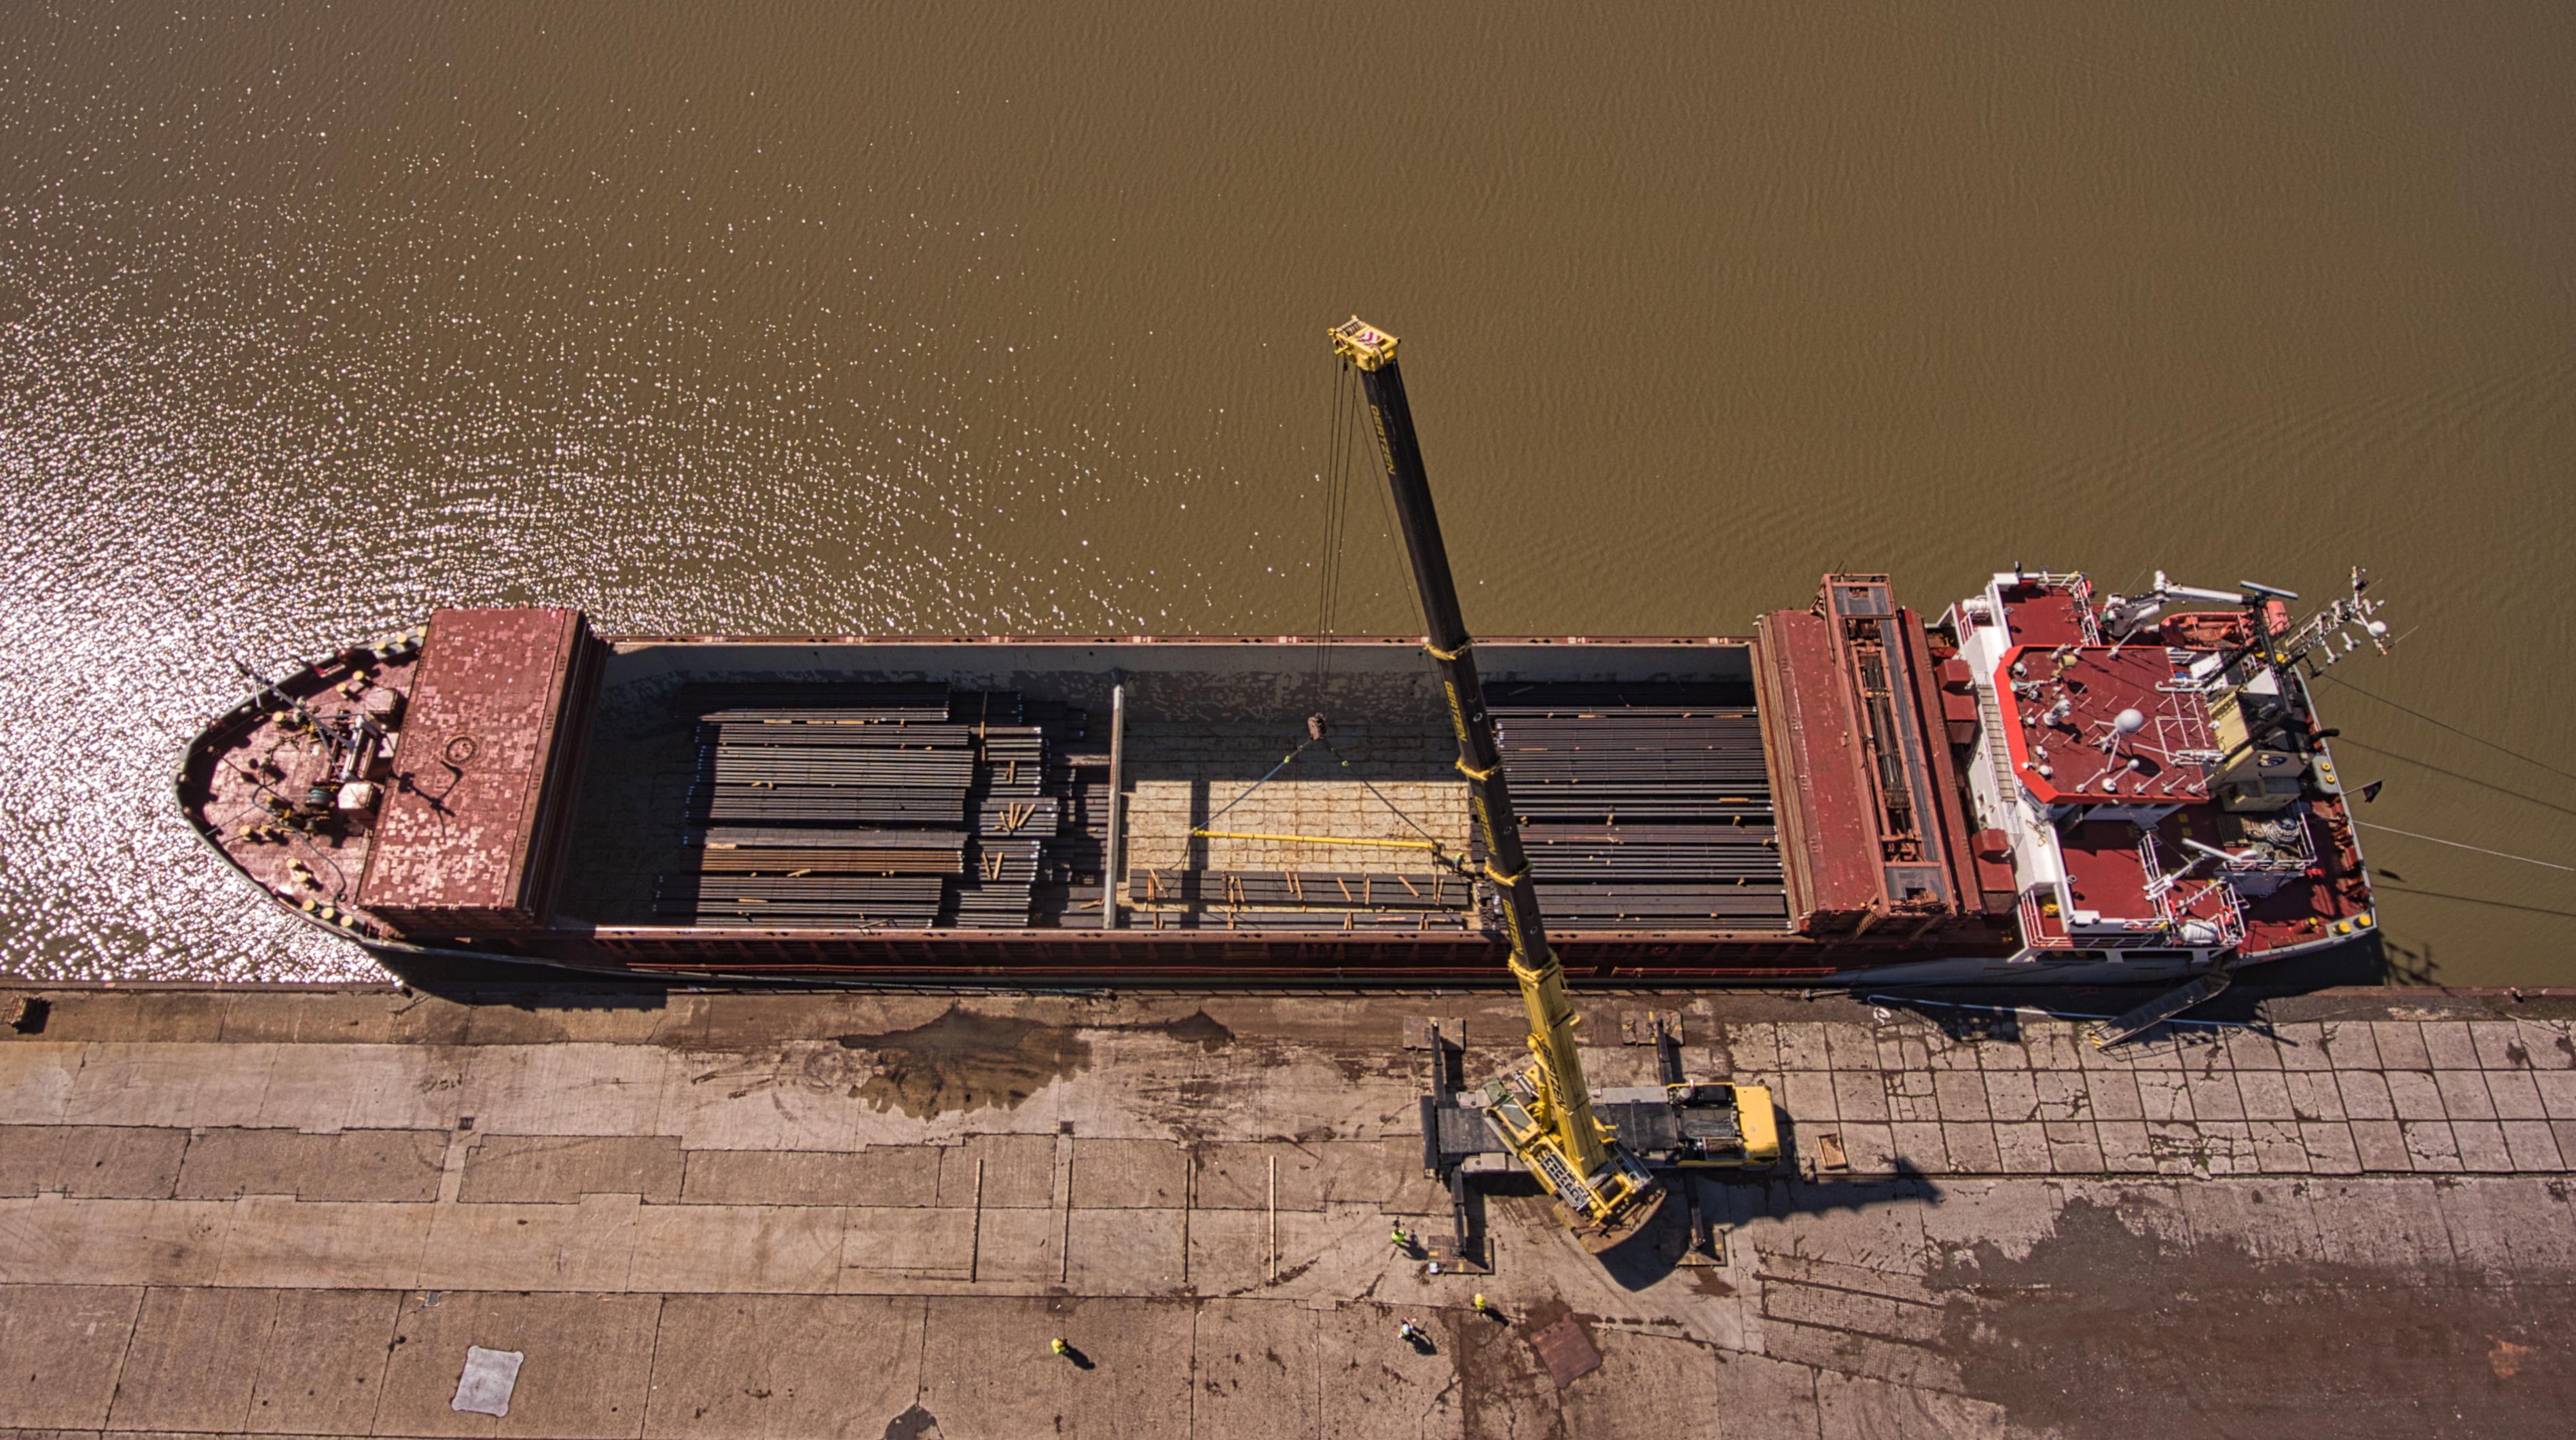 SPN_Papenburg_Aerial_CANDEO_00007.jpeg – EMS-Fehn-Group